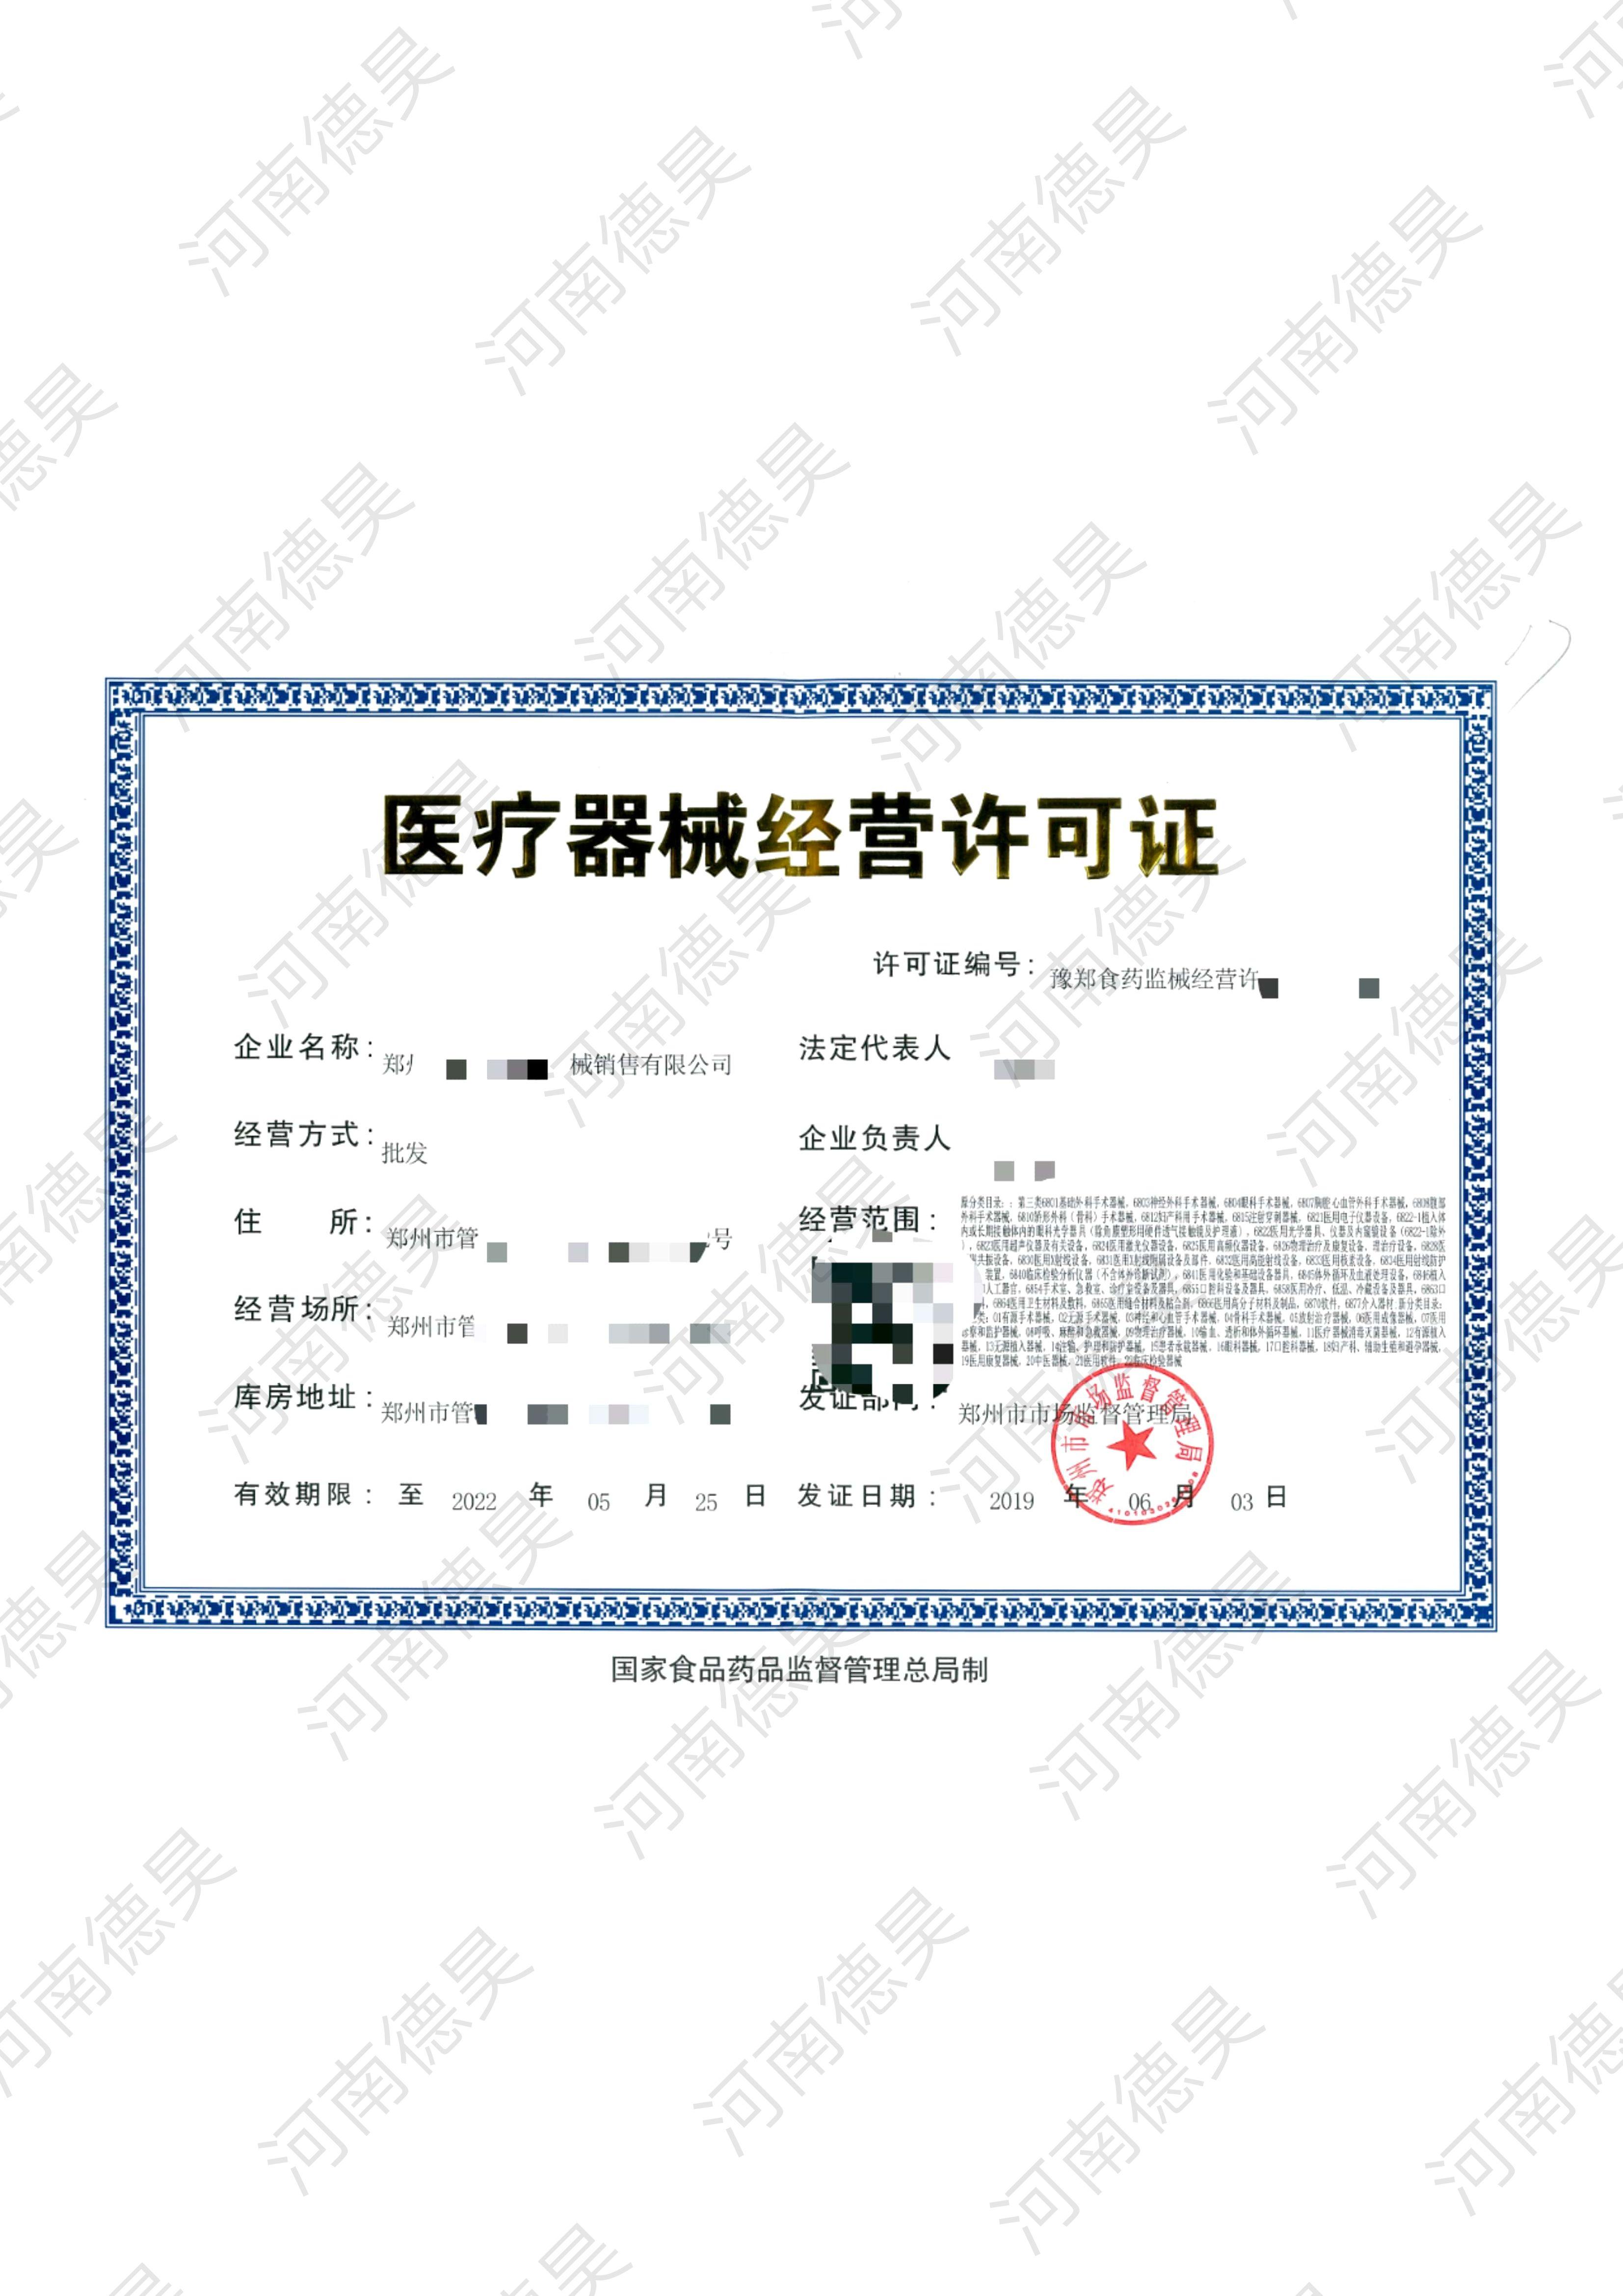 医疗器械经营许可证